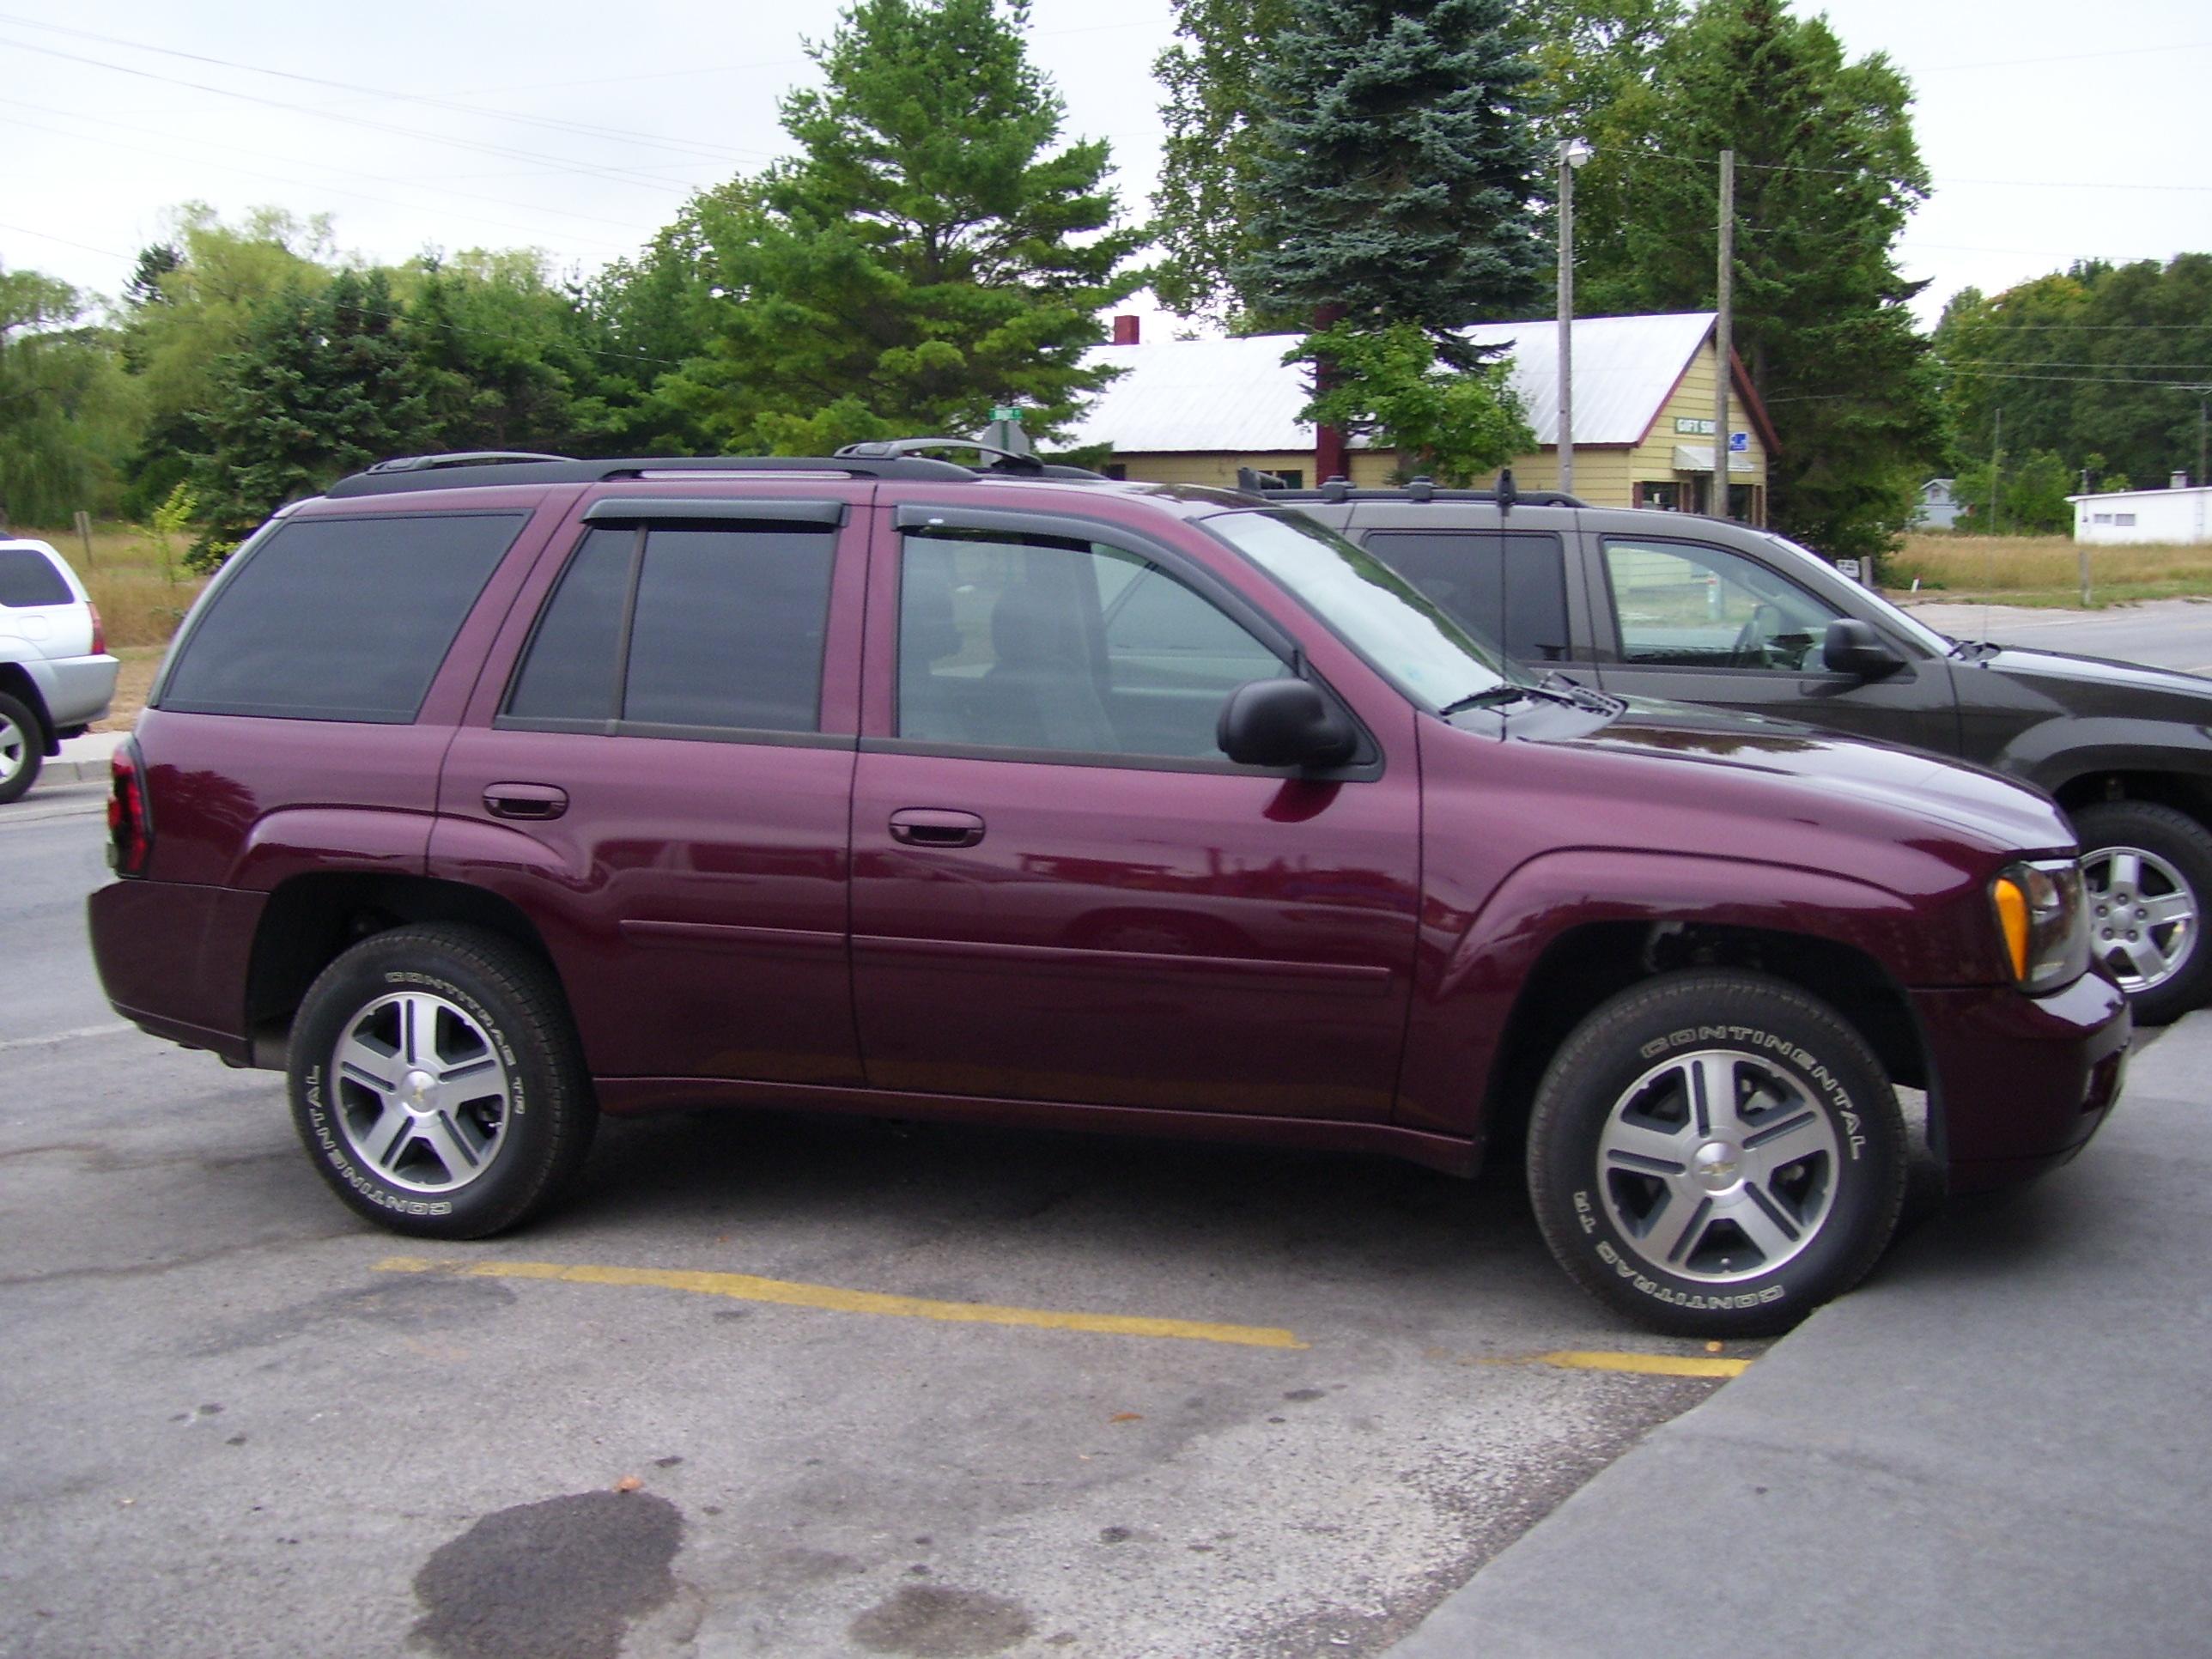 Chevrolet Trailblazer 2007 foto - 1